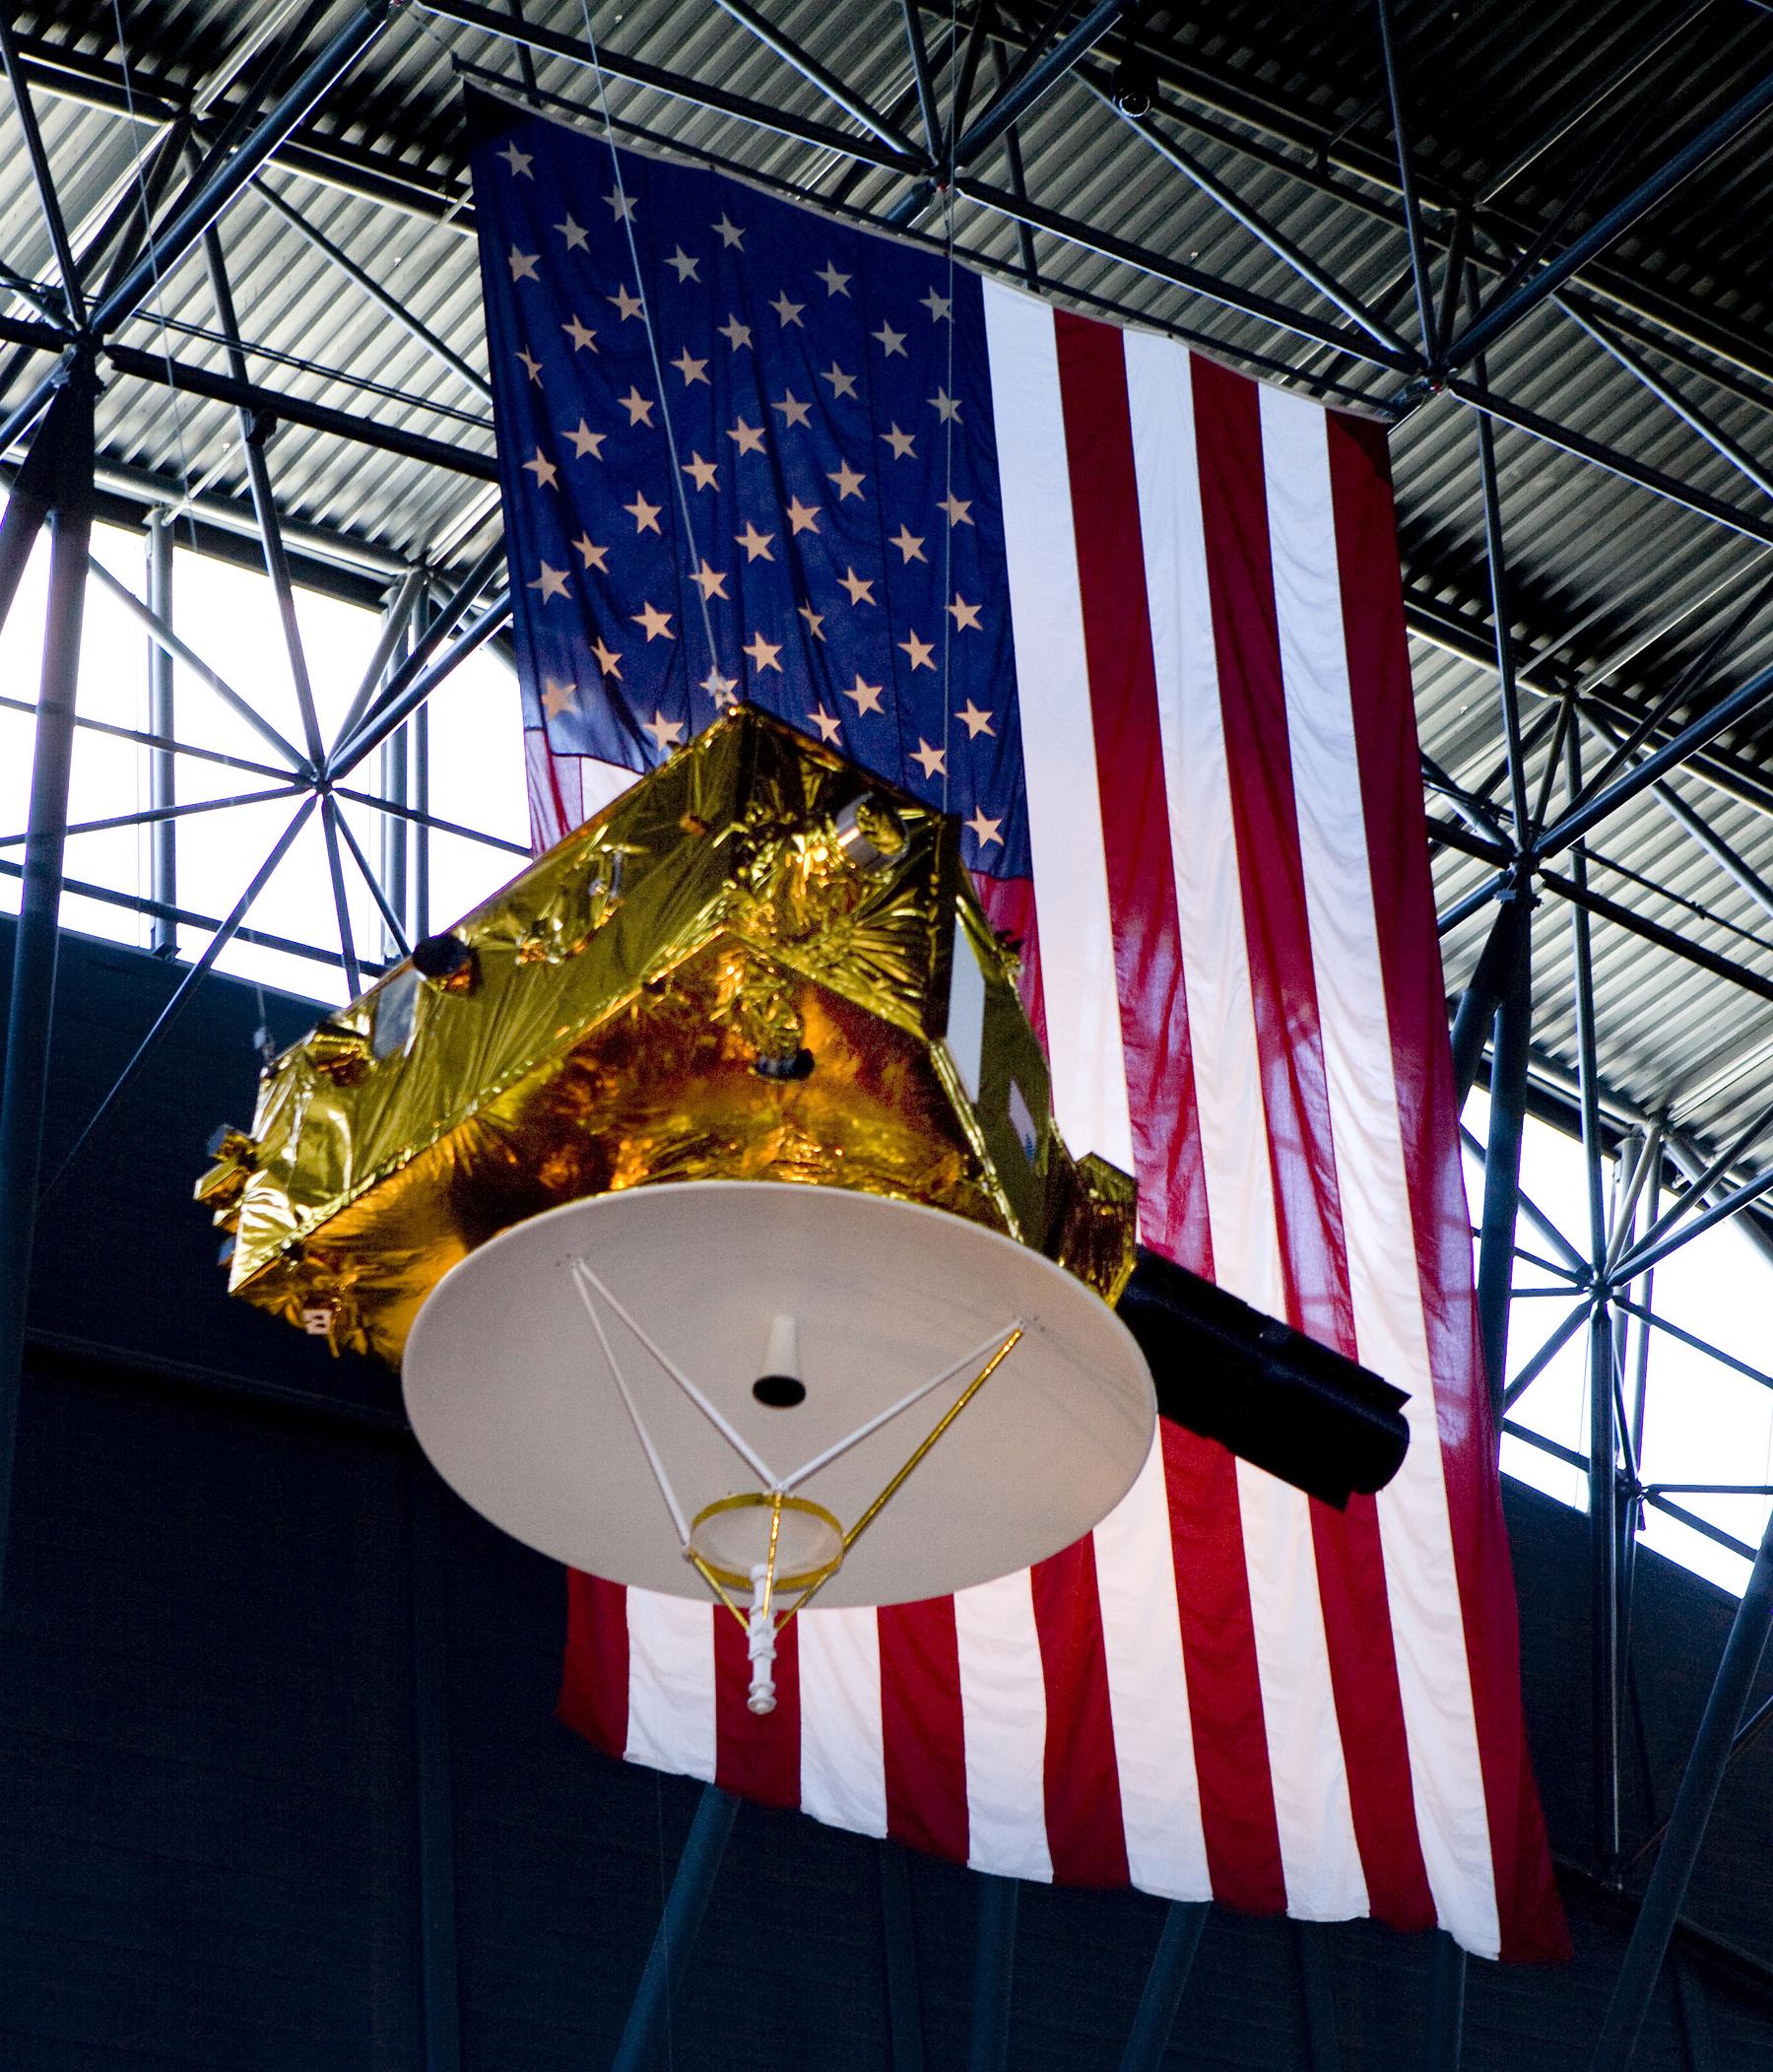 صورة نموذج حي للمركبة الفضائية في مختبر الفيزياء التطبيقية في جامعة جونز هوبكنز. حقوق الصوة:  Johns Hopkins University Applied Physics Laboratory